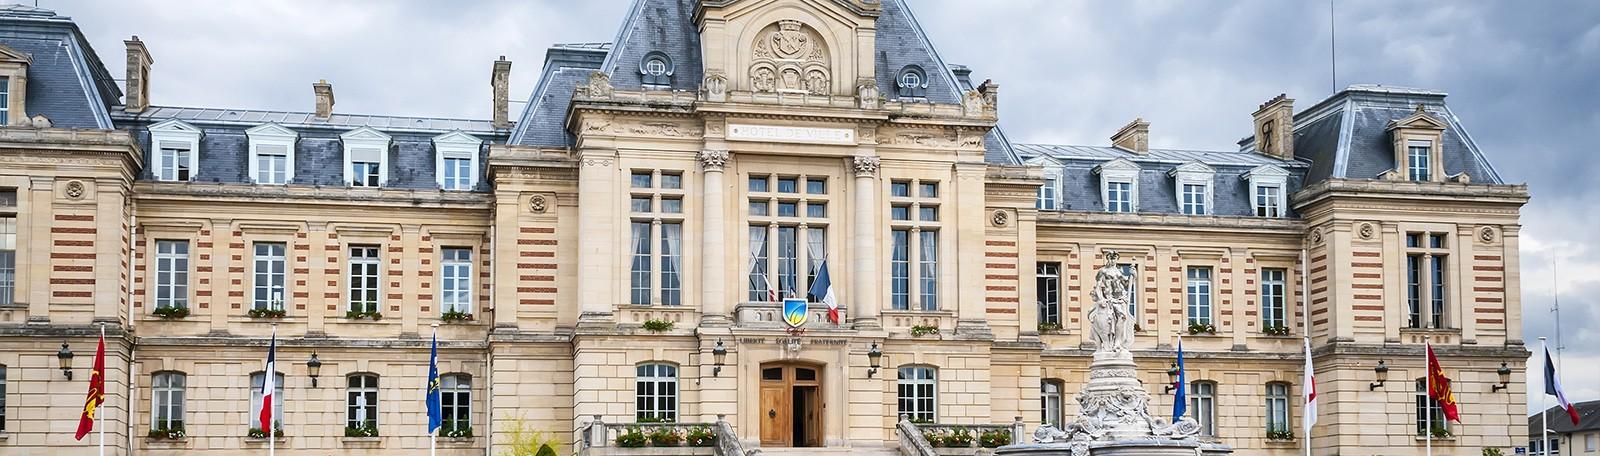 Parking Hôtel de Ville - Parkeren in Evreux | Q-Park